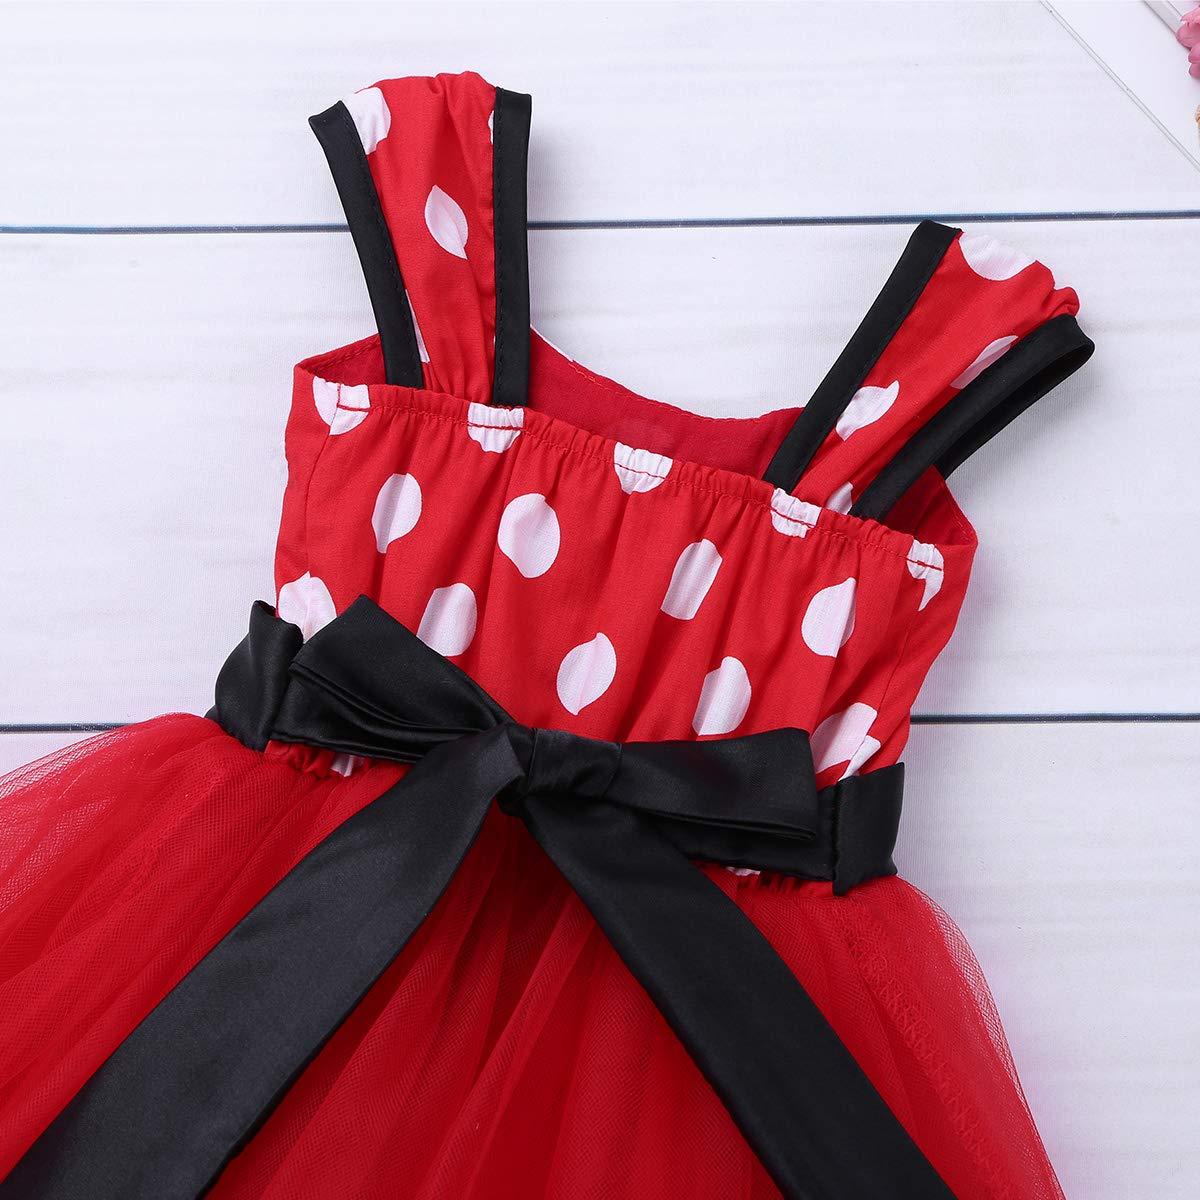 Agoky Baby M/ädchen Kost/üm mit Haarreif Prinzessin Kleid Maus Ohren Polka Dots Verkleidung Outfits Party Festzug Weinachten Karneval Fasching Geburtstag